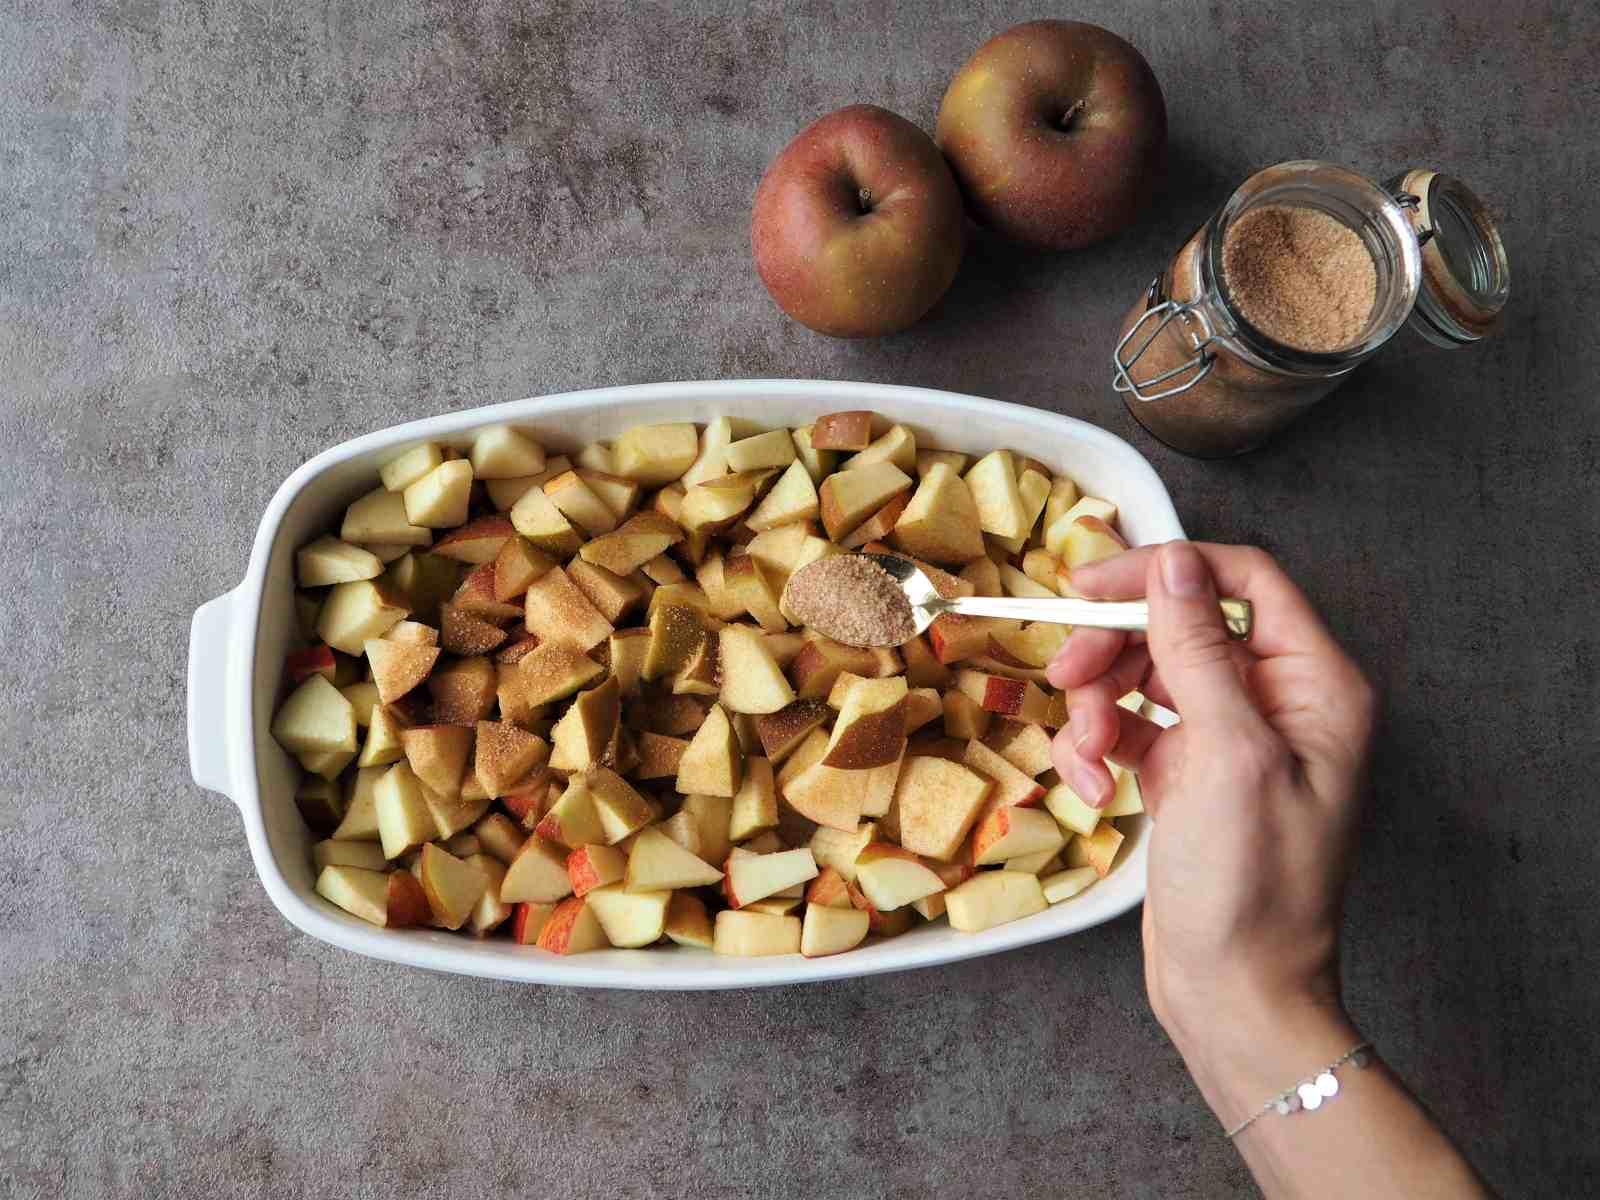 Gewürfelte Äpfel werden in Auflaufform mit Zimt-Zucker bestreut